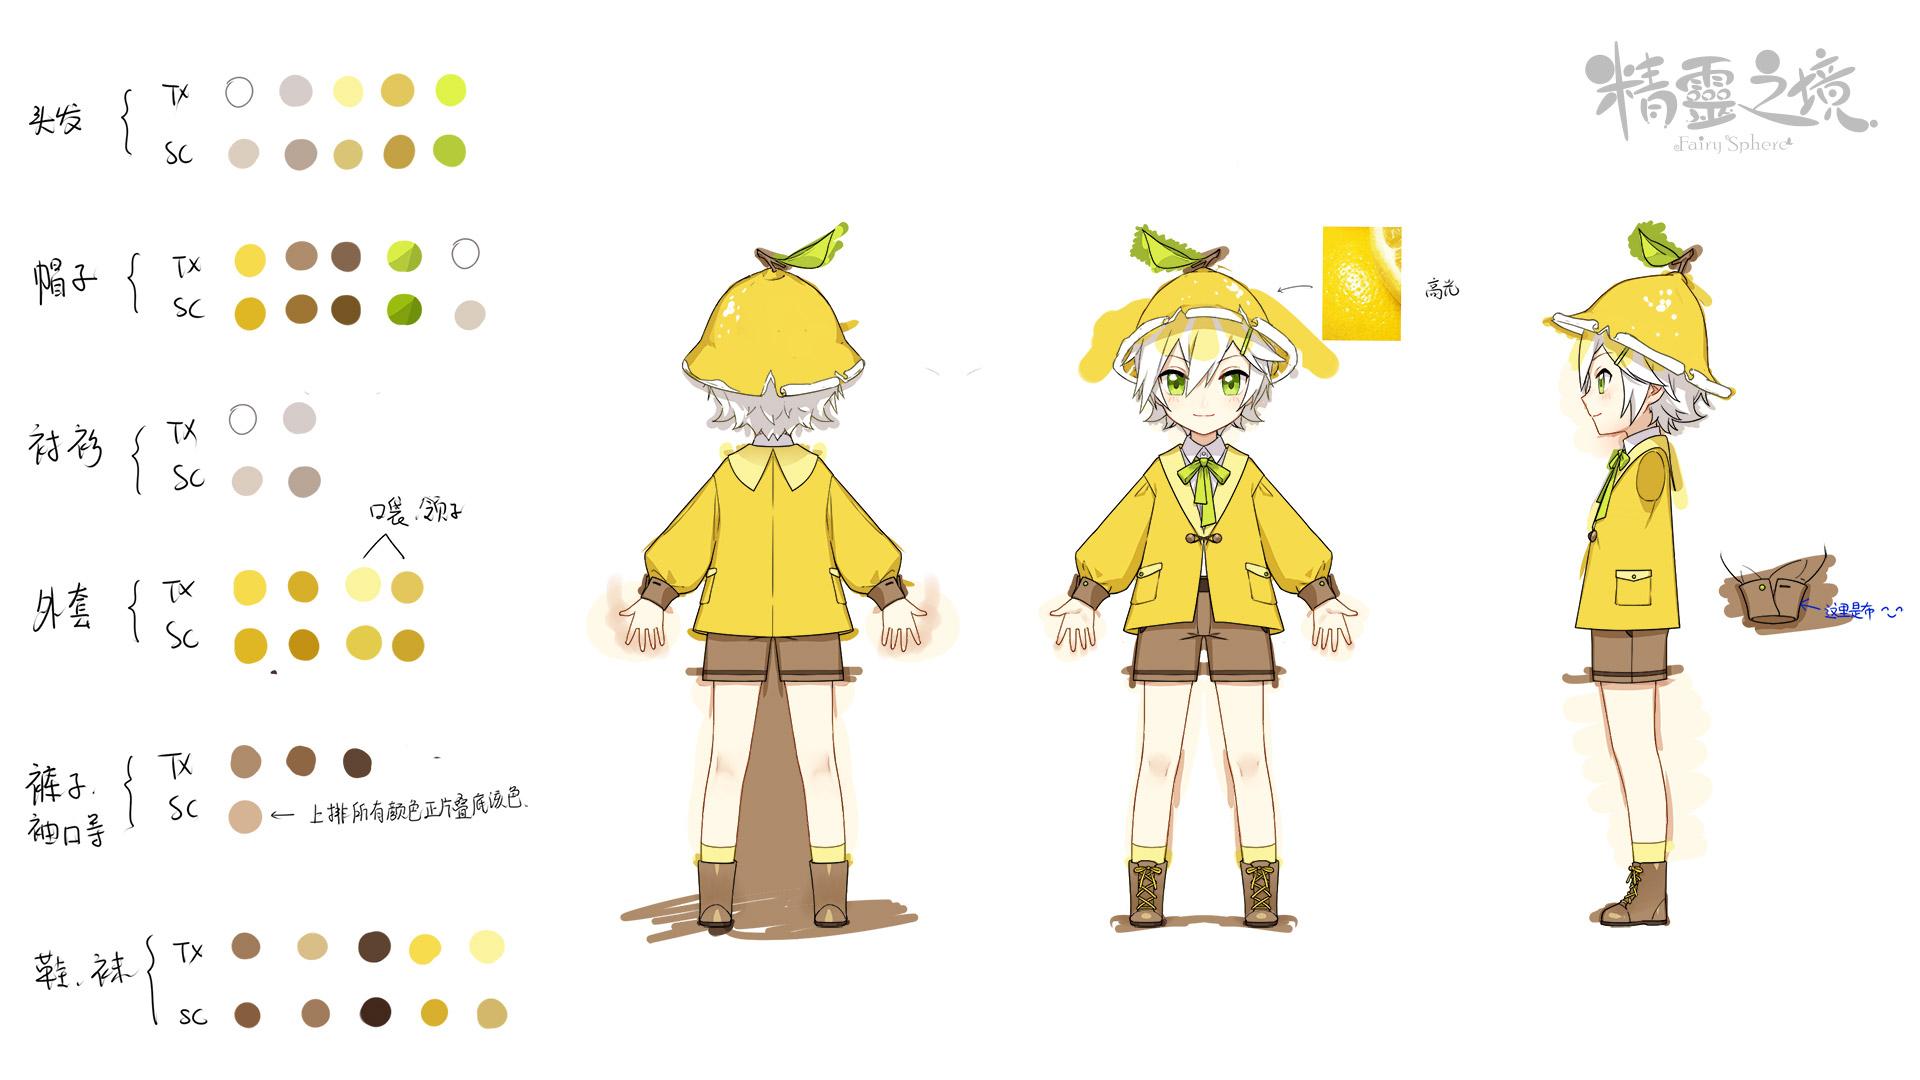 檸檬是個開朗樂觀,但卻隱含著酸楚過去的角色。